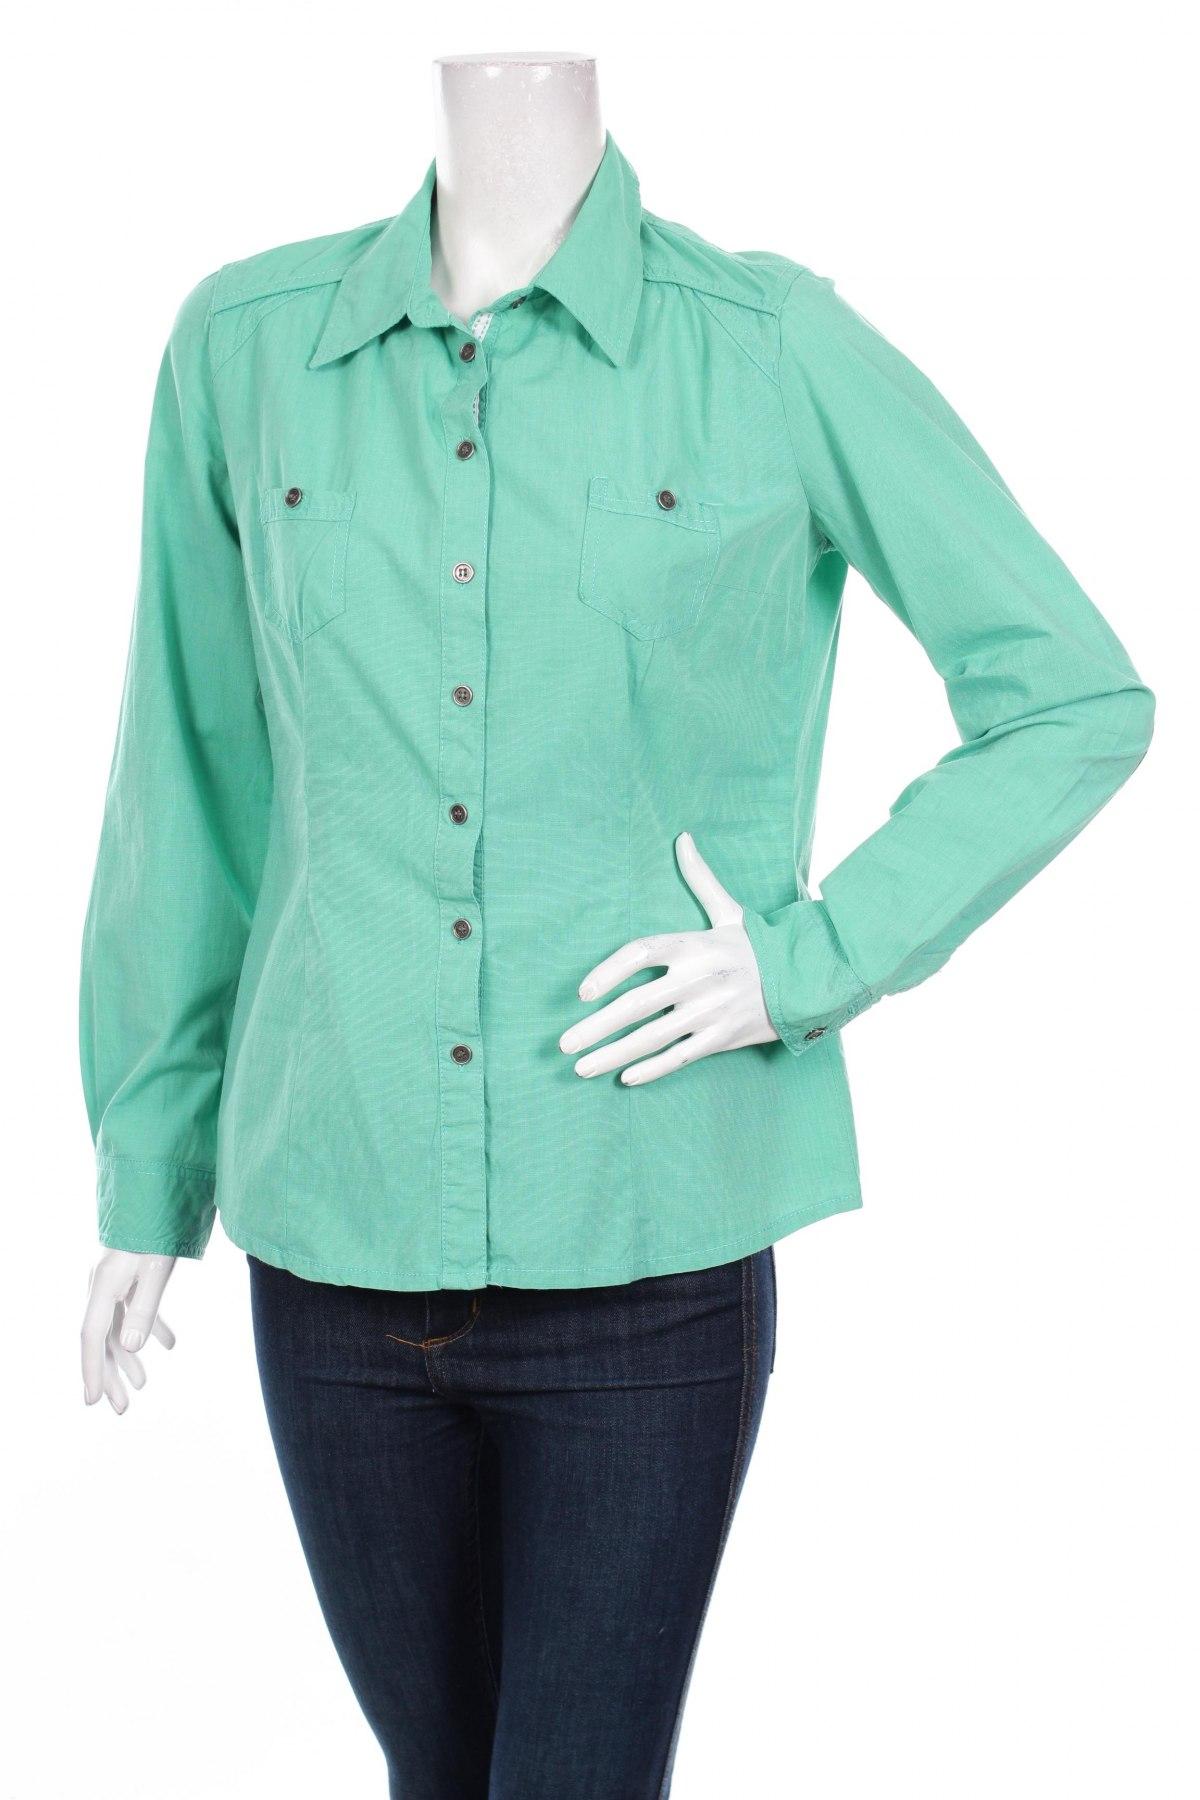 Γυναικείο πουκάμισο Colours Of The World, Μέγεθος M, Χρώμα Πράσινο, 100% βαμβάκι, Τιμή 16,70€